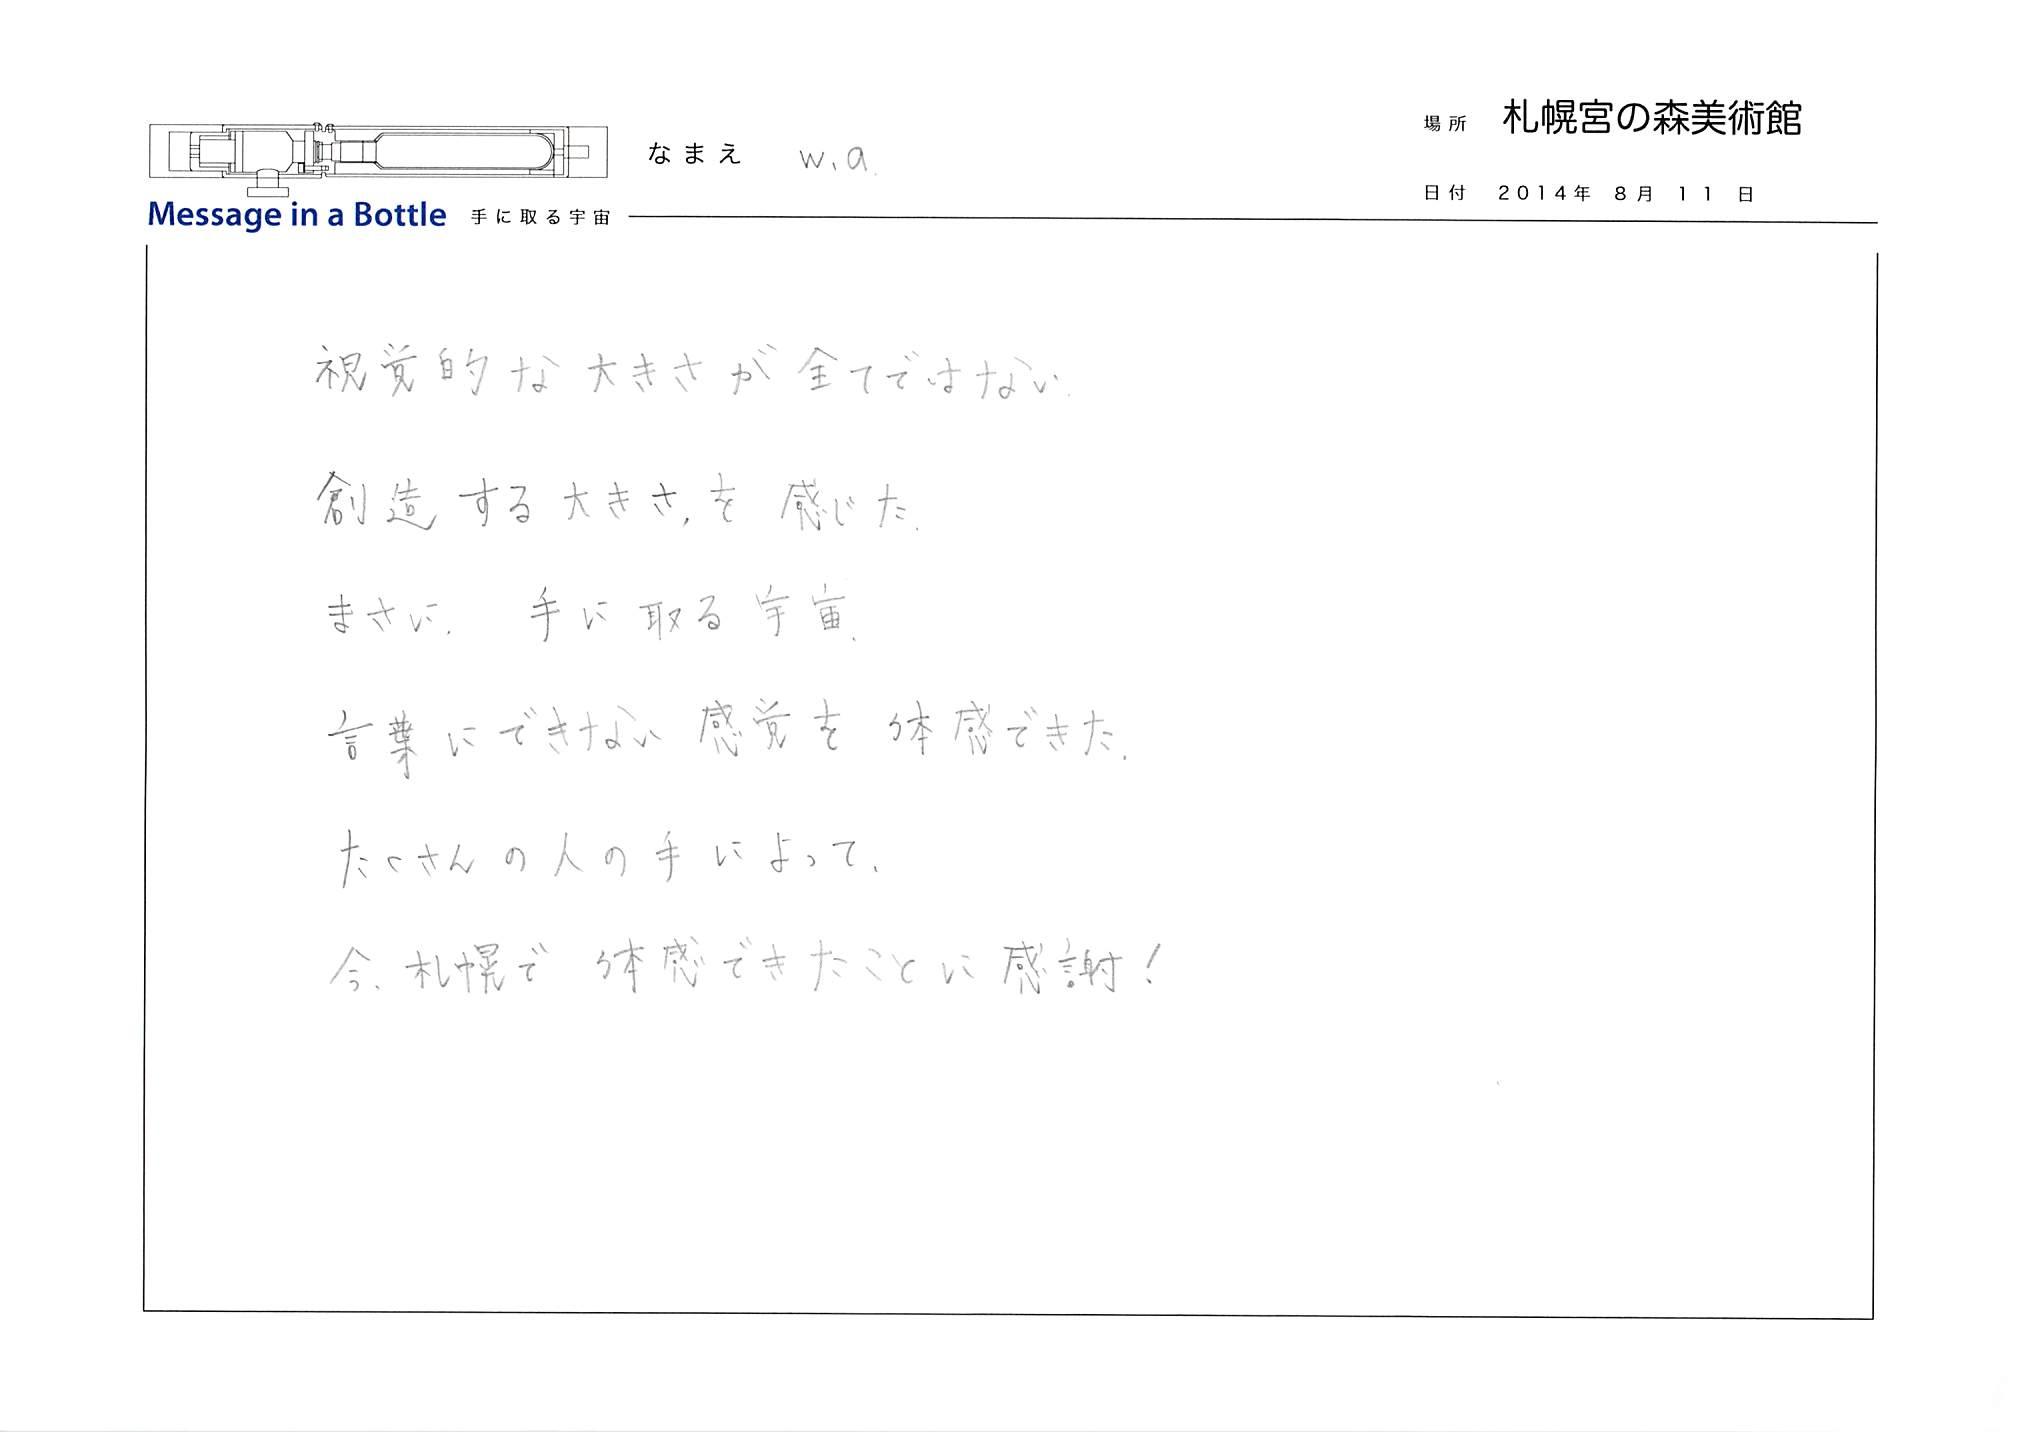 2014-08-11-22-04-01.jpg